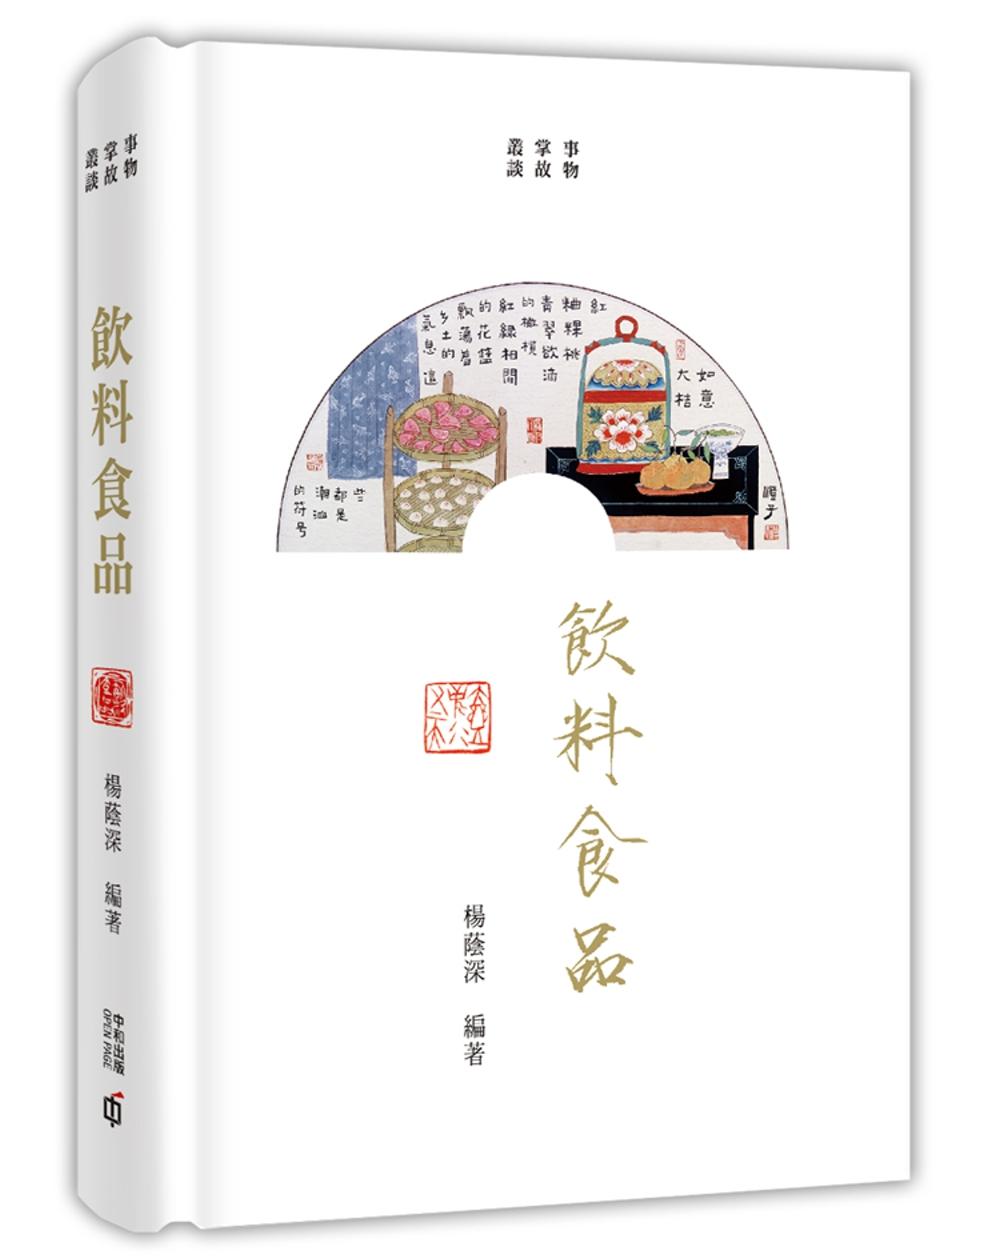 事物掌故叢談(4):飲料食品